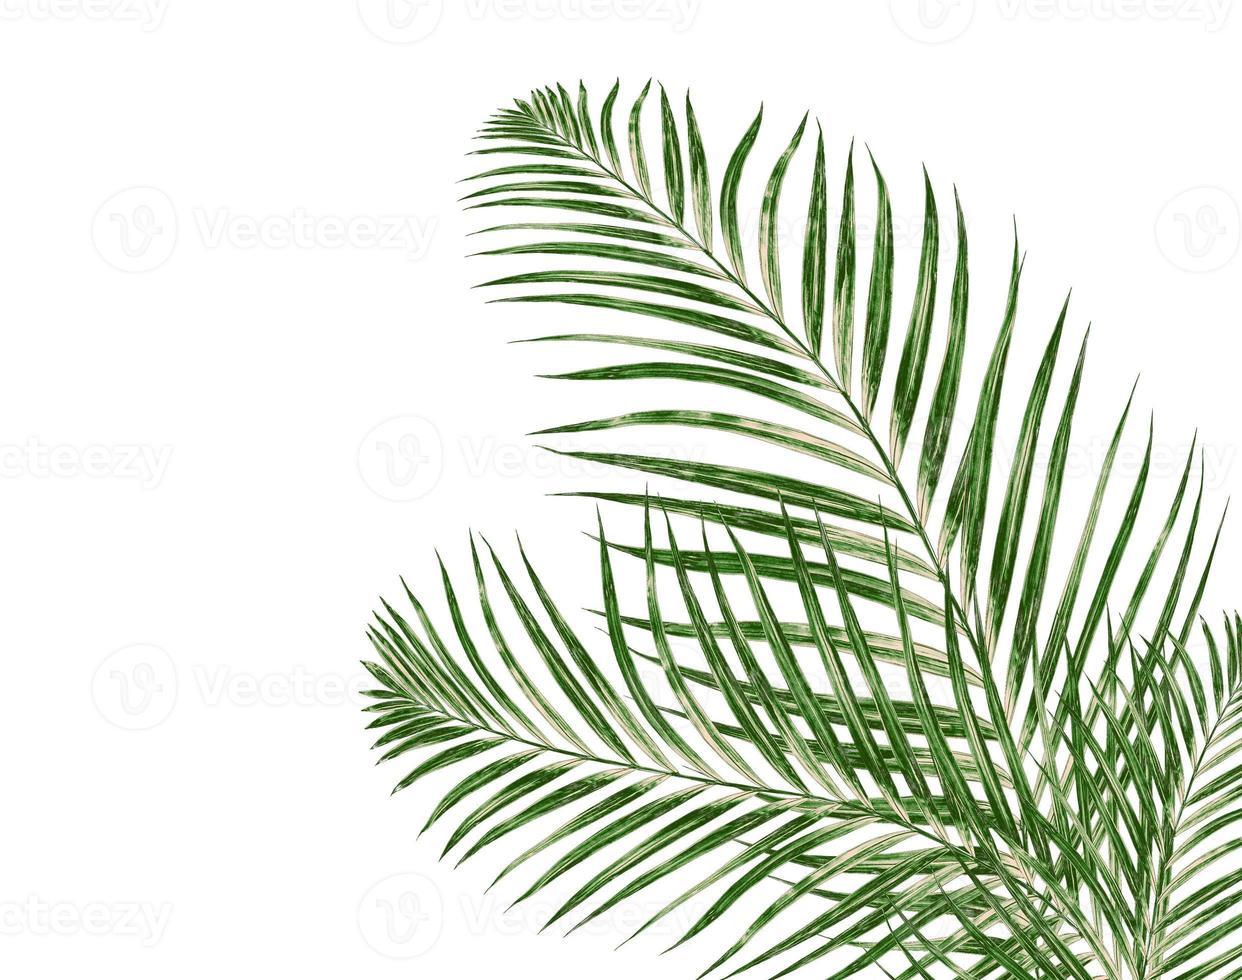 Palmblätter auf einem weißen Hintergrund foto